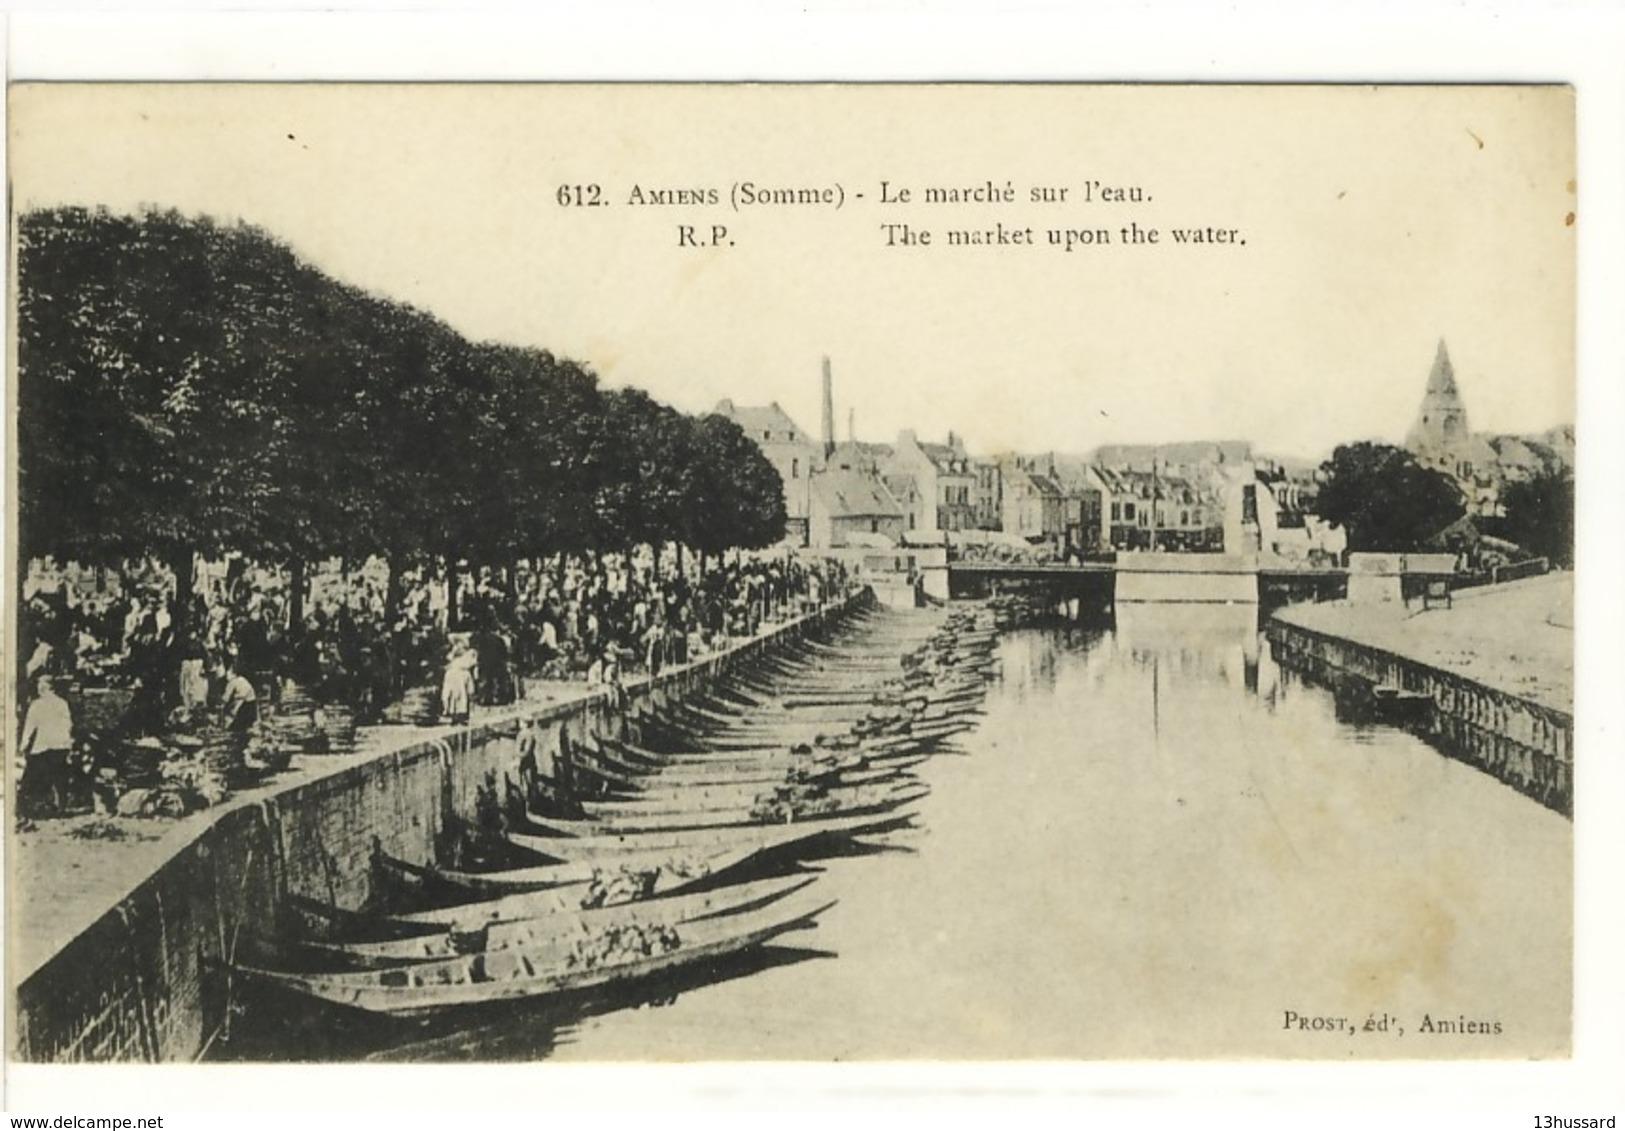 Carte Postale Ancienne Amiens - Le Marché Sur L'eau - Commerces - Amiens